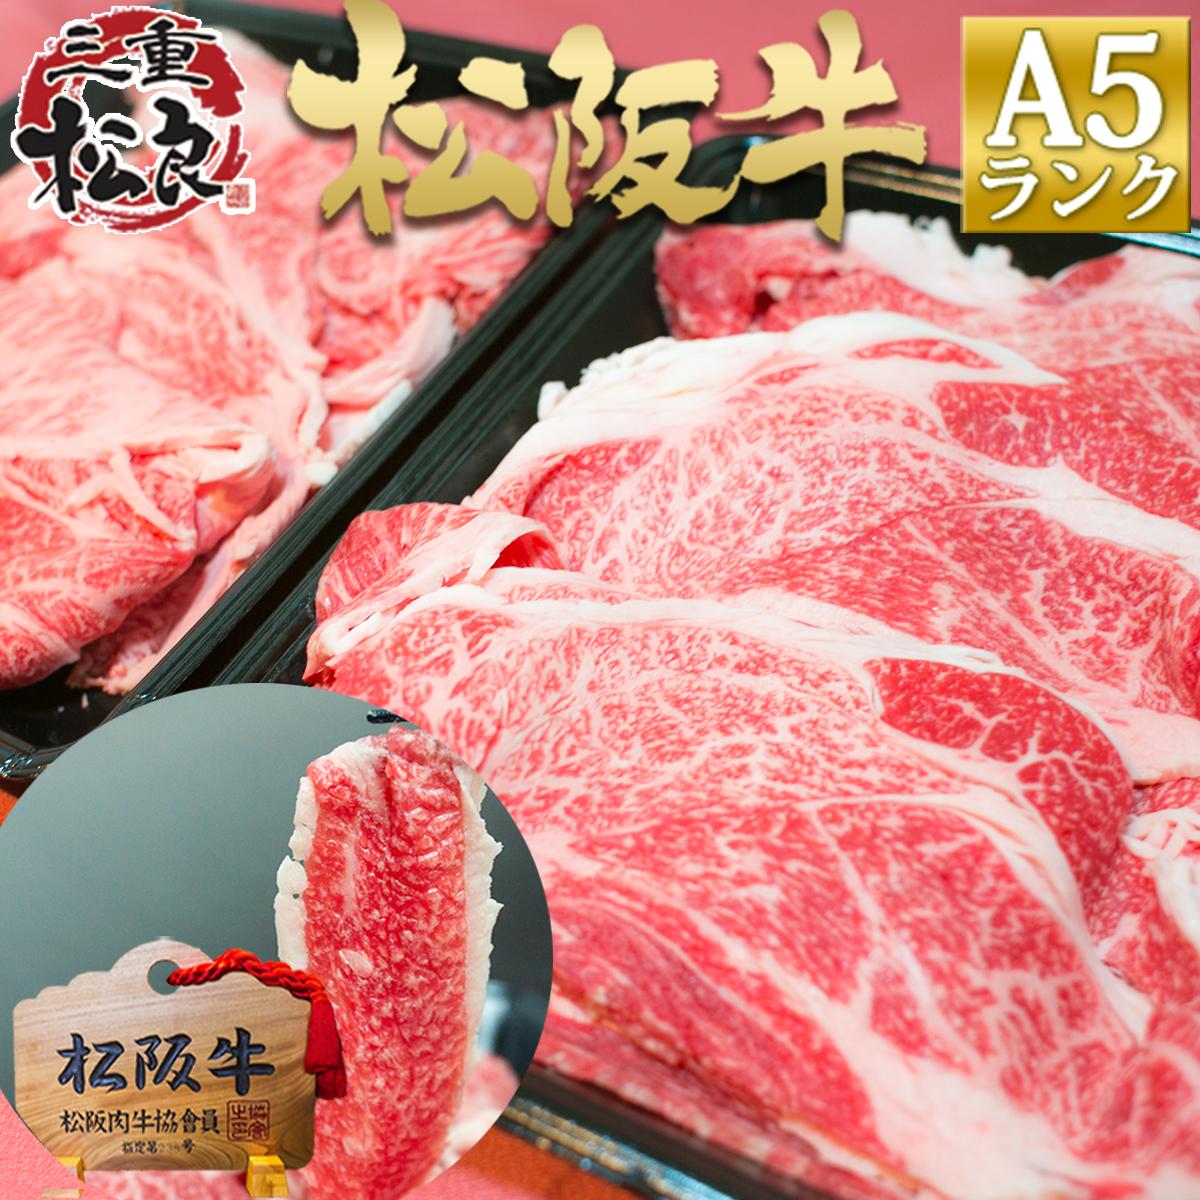 お中元やギフトに!国産ブランド牛、すき焼き用牛肉のおすすめが知りたい